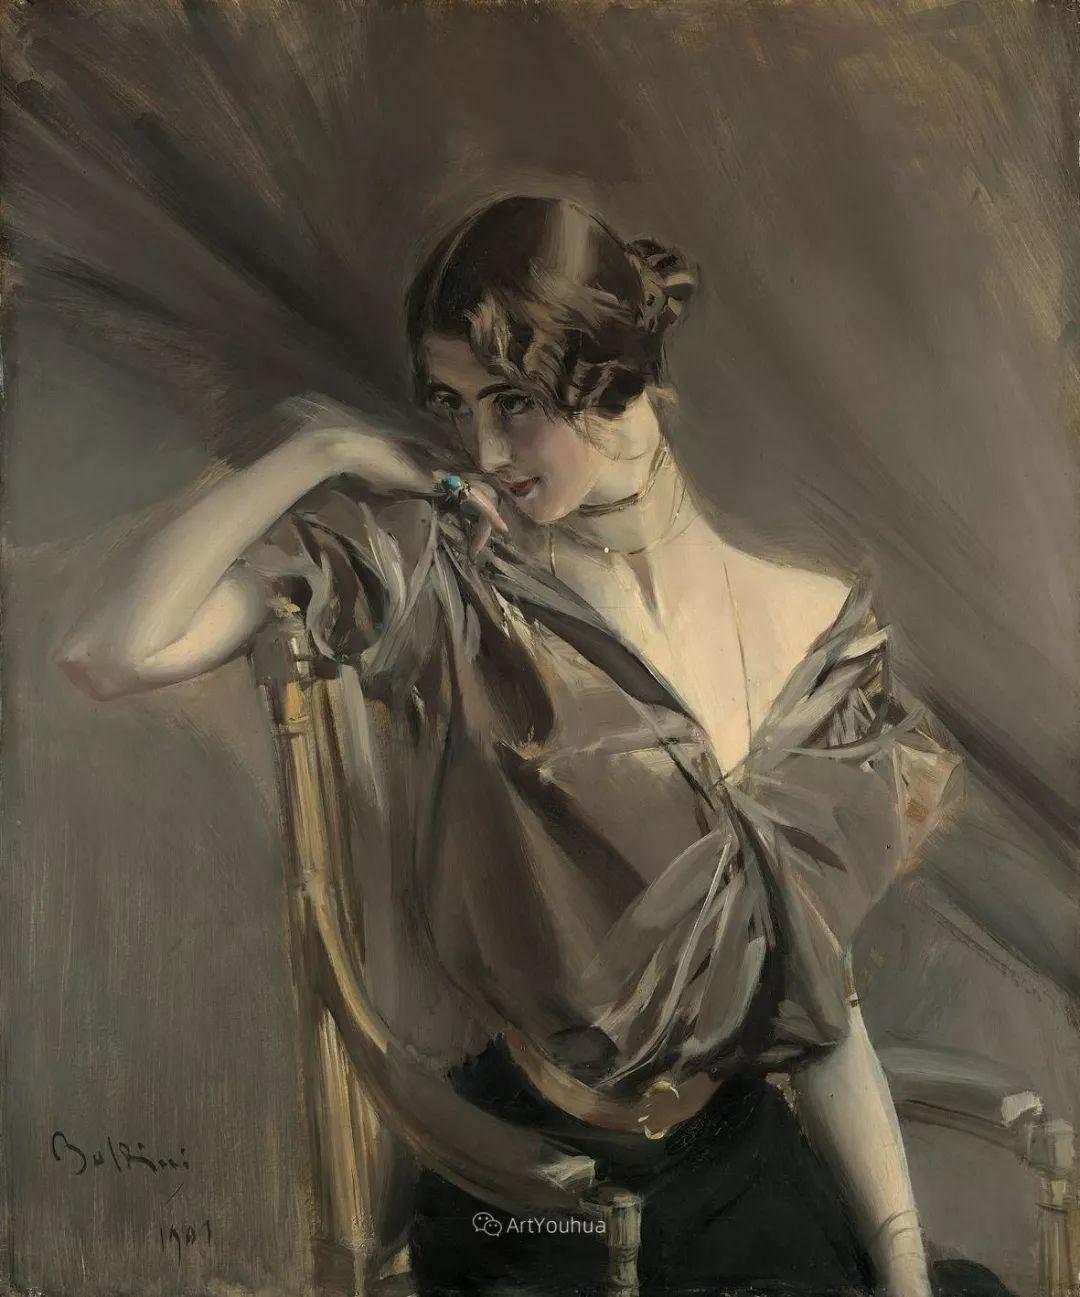 两种不同画风的美女,你喜欢哪一种!意大利画家Giovanni Boldini作品集插图51